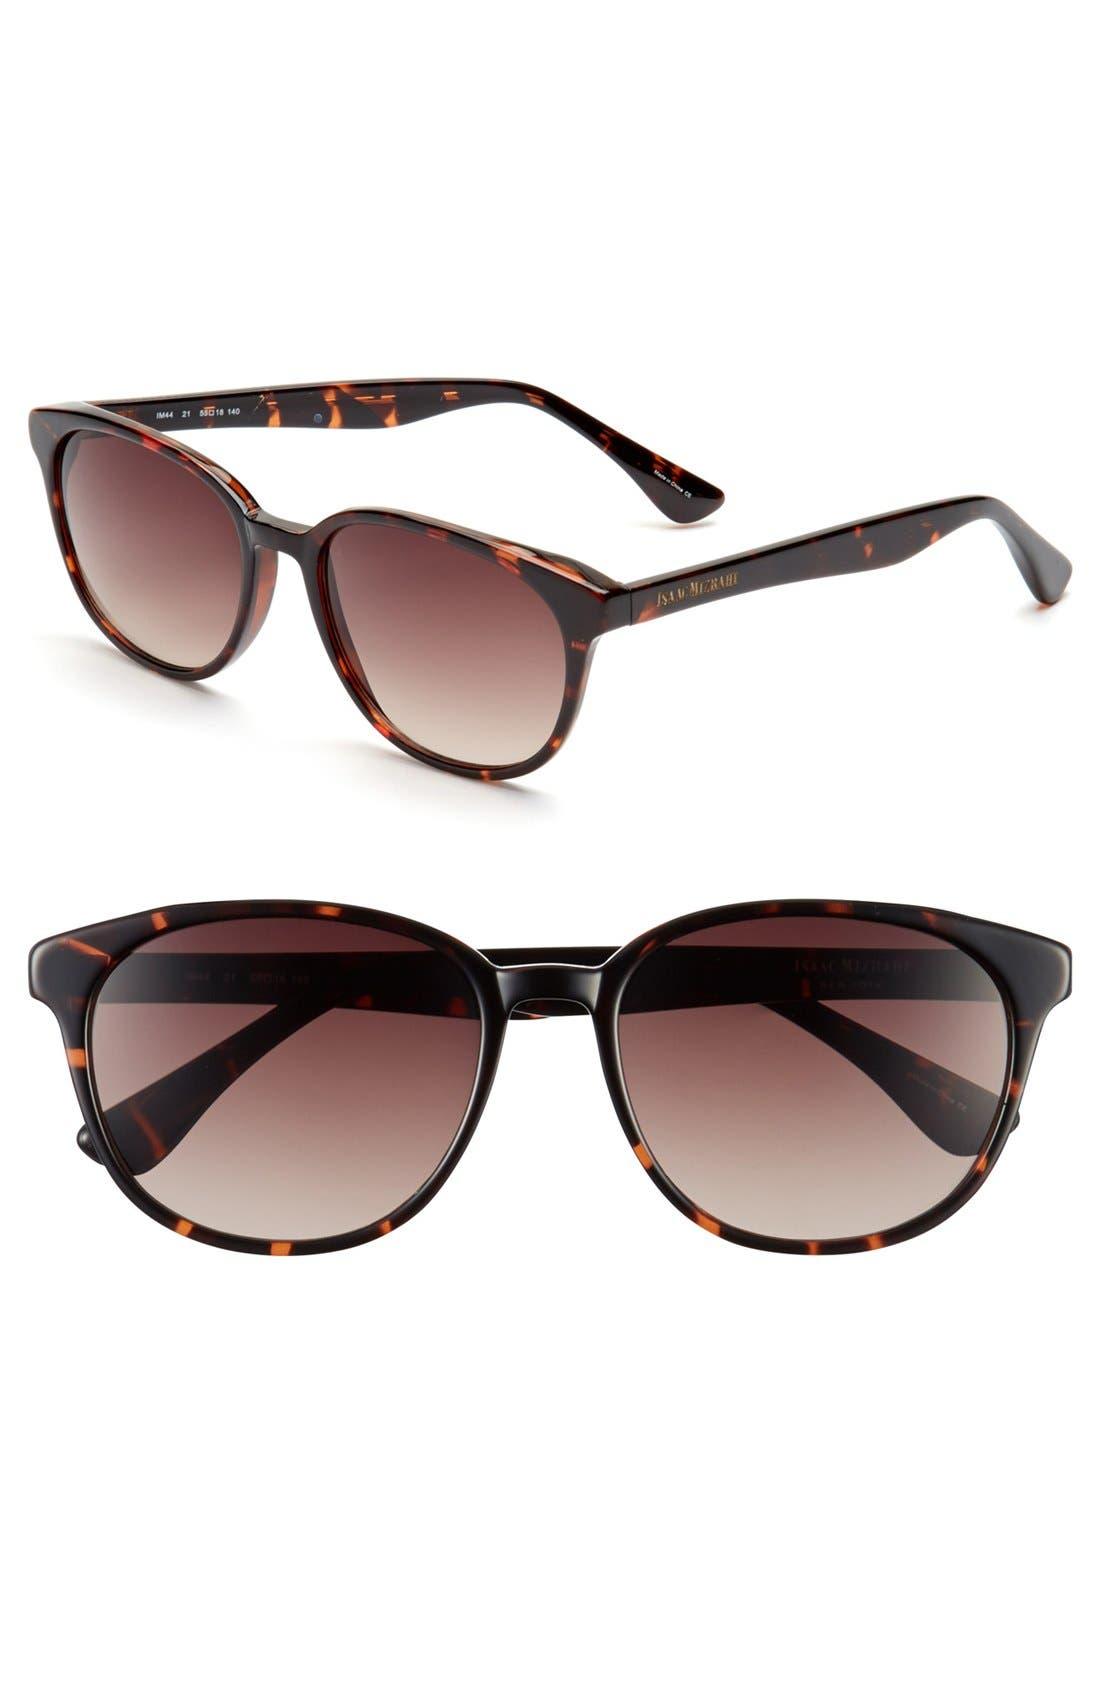 Main Image - Isaac Mizrahi New York 55mm Retro Sunglasses